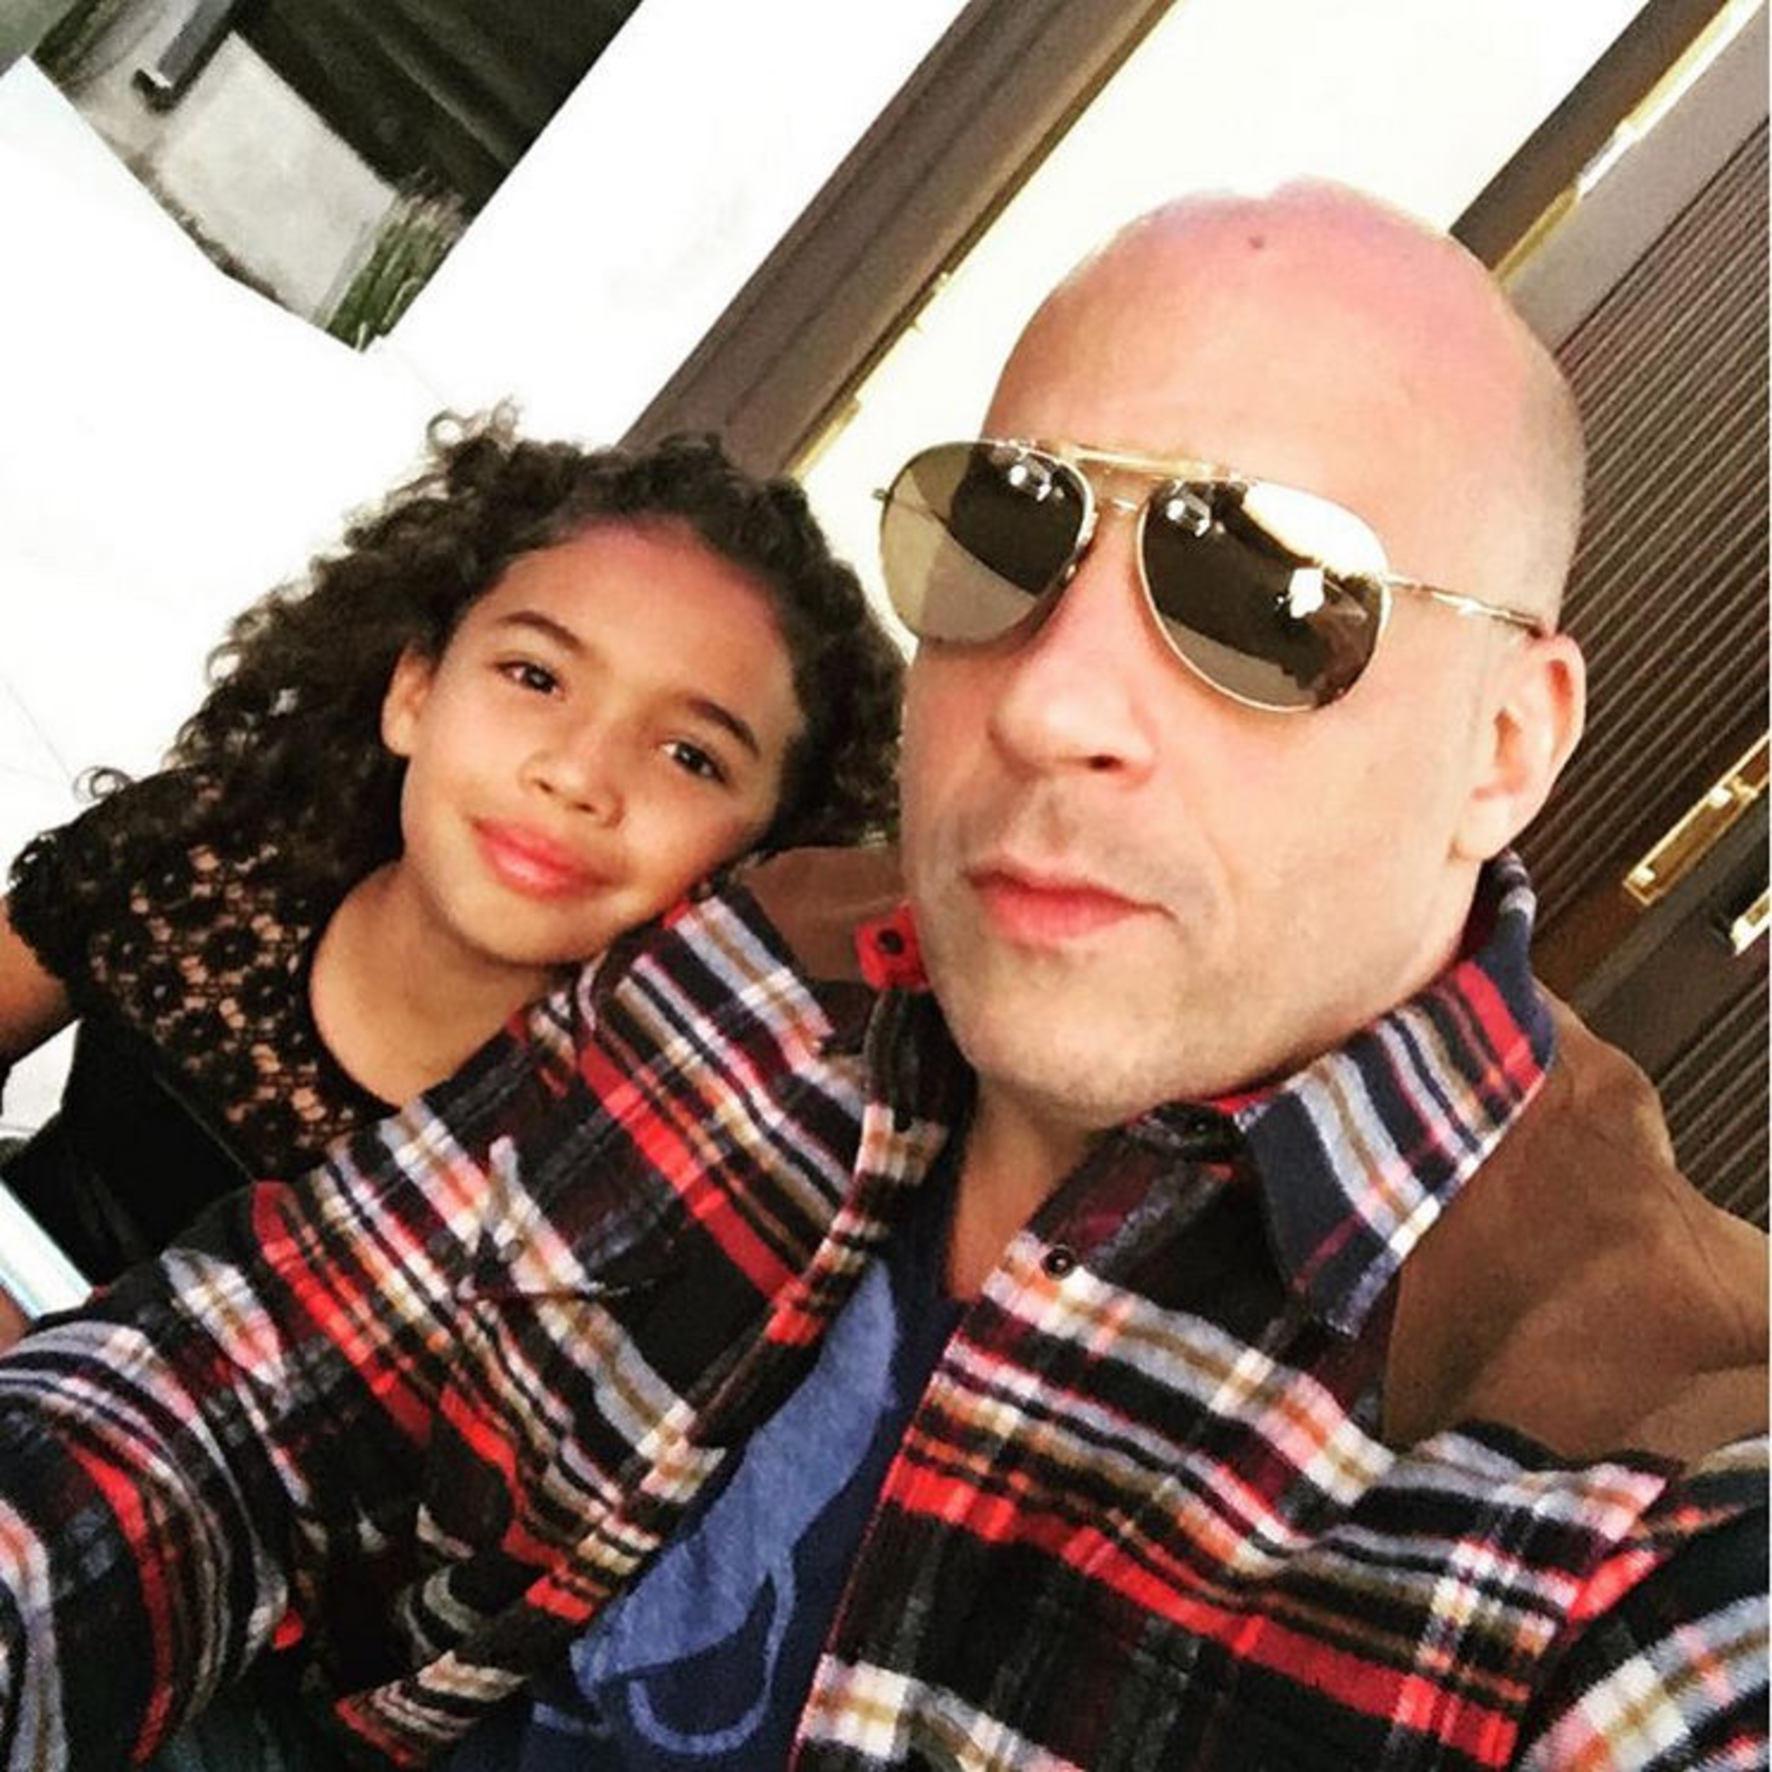 Vin Diesel - Viva.ro Mariah Carey Instagram